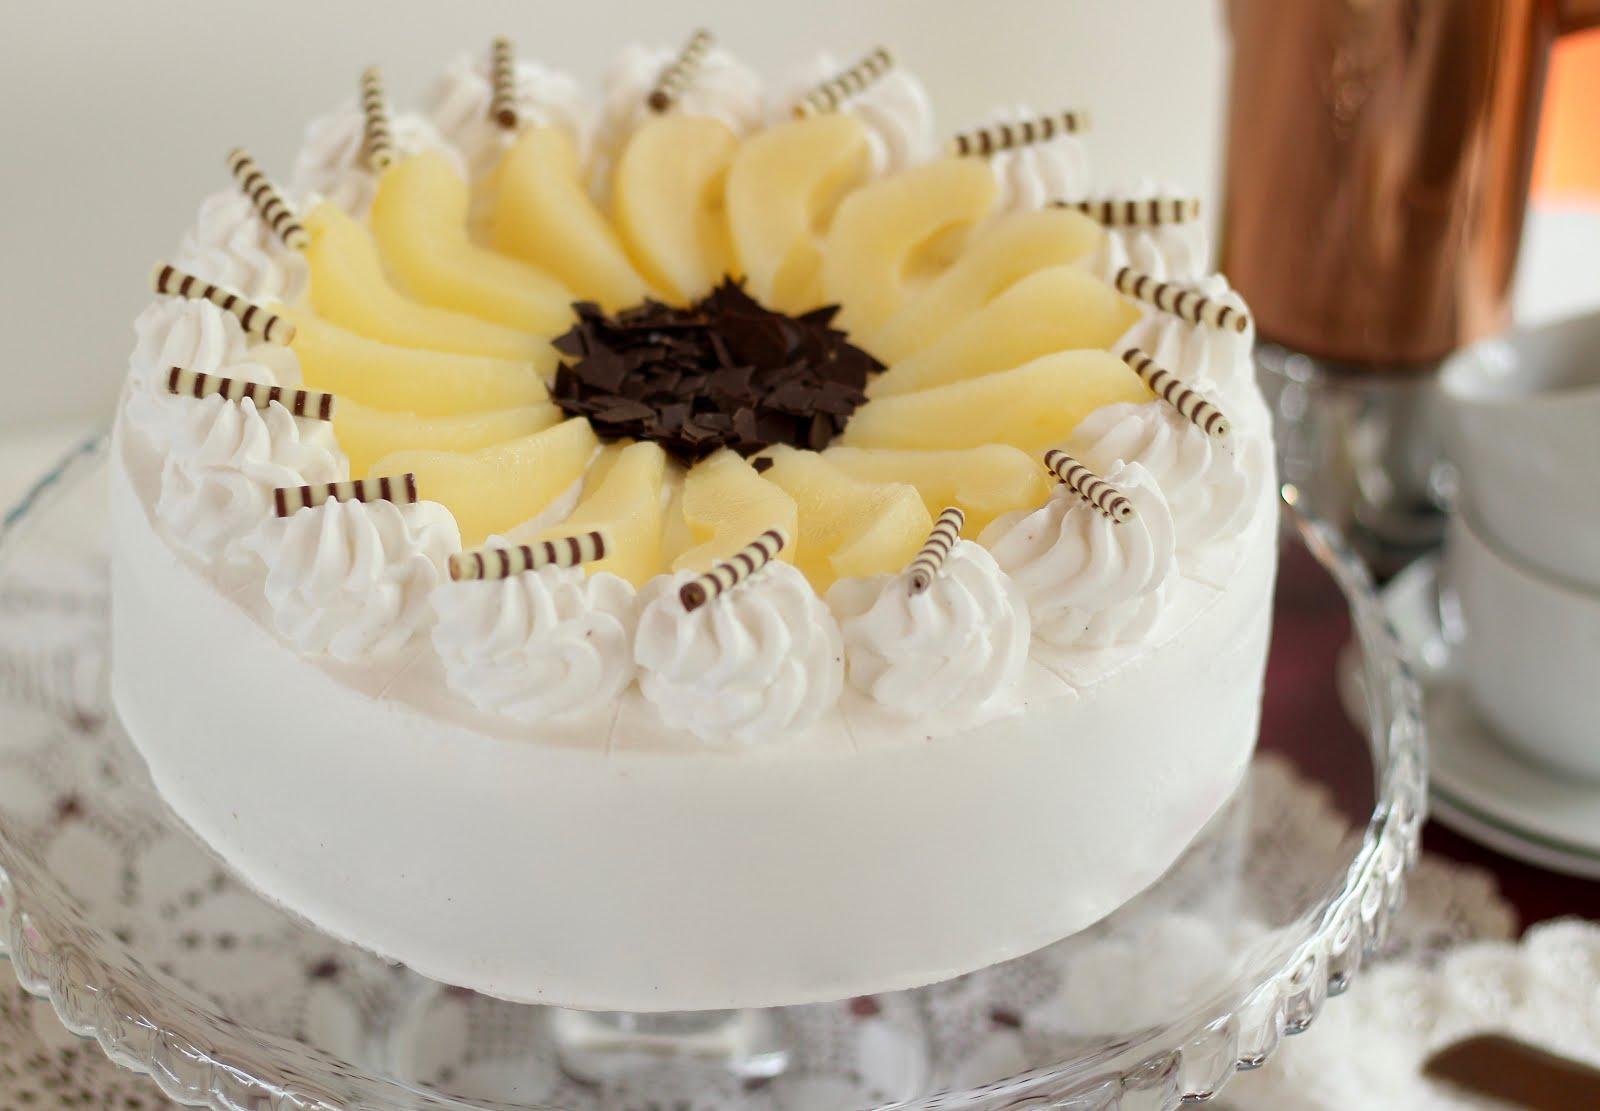 Traumhafte Birne-Helene-Torte | Torte mit Birnen und Schokolade | Rezept und Video von Sugarprincess